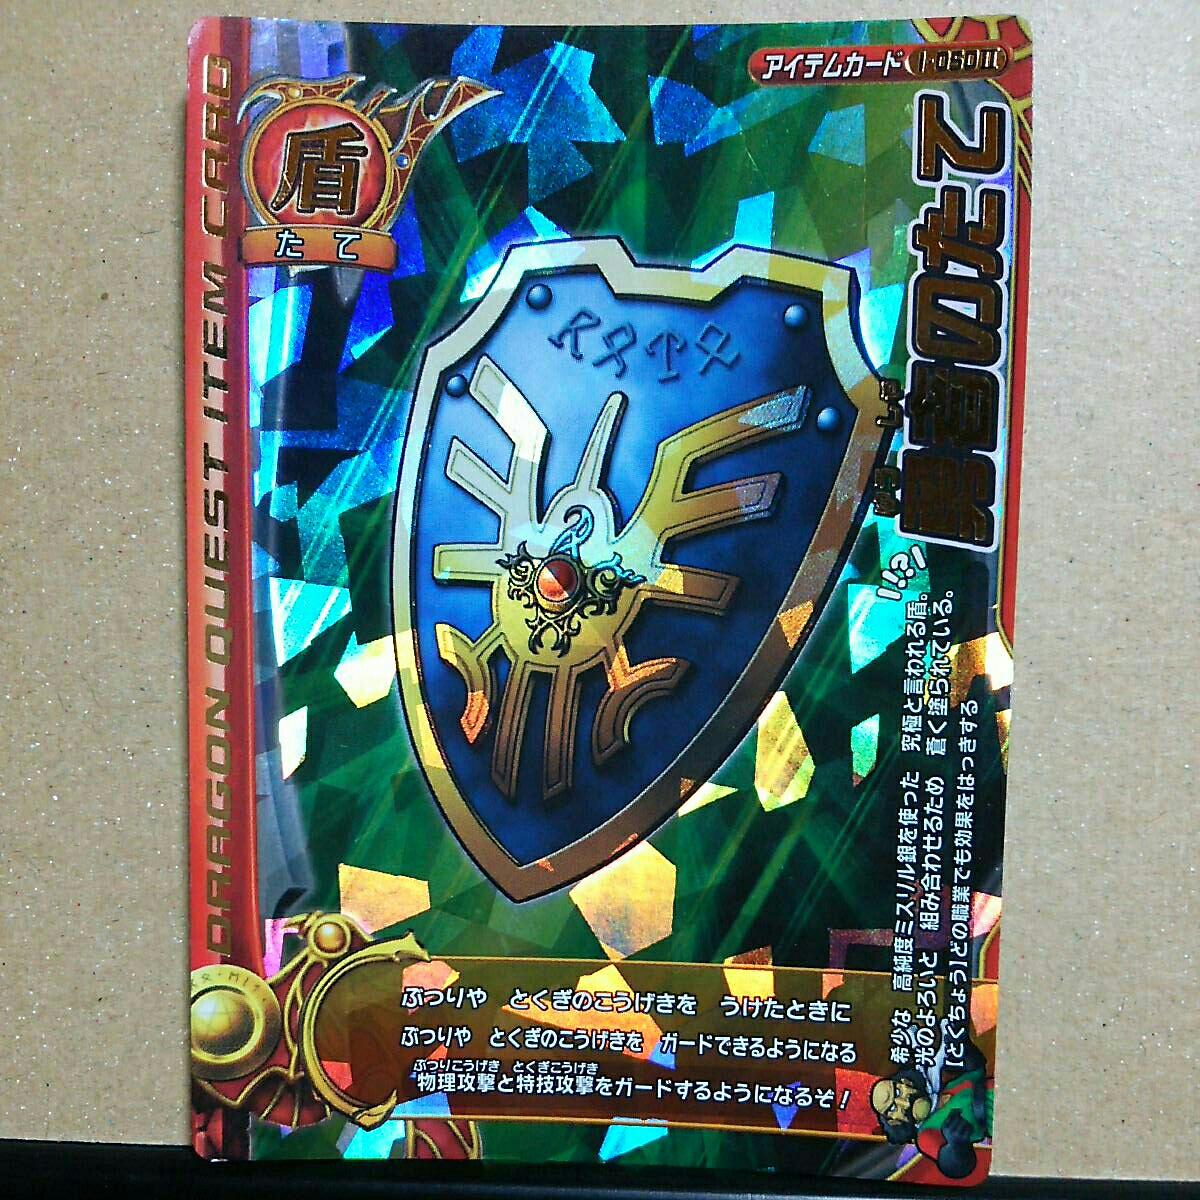 カード【勇者のたて】ドラゴンクエスト/レア/キラ/カードゲーム/トレカ/モンスター バトルロード/ロト_画像1